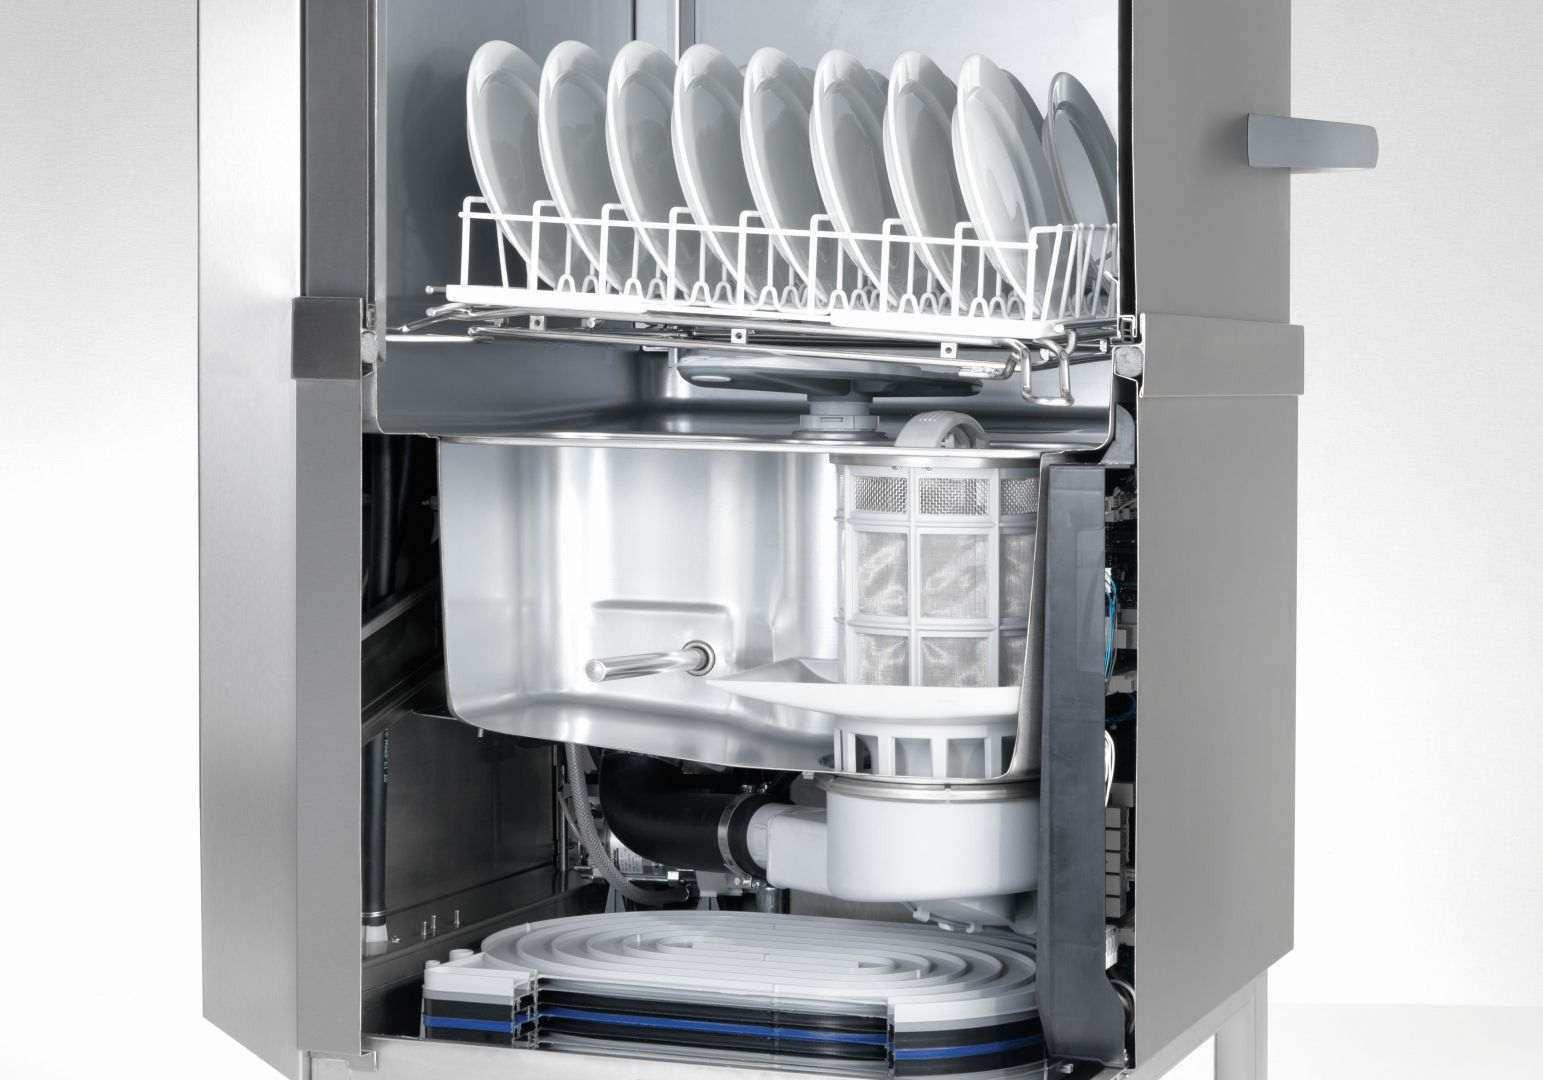 Winterhalter durchschubspülmaschine pt xl energyplus gastrodax